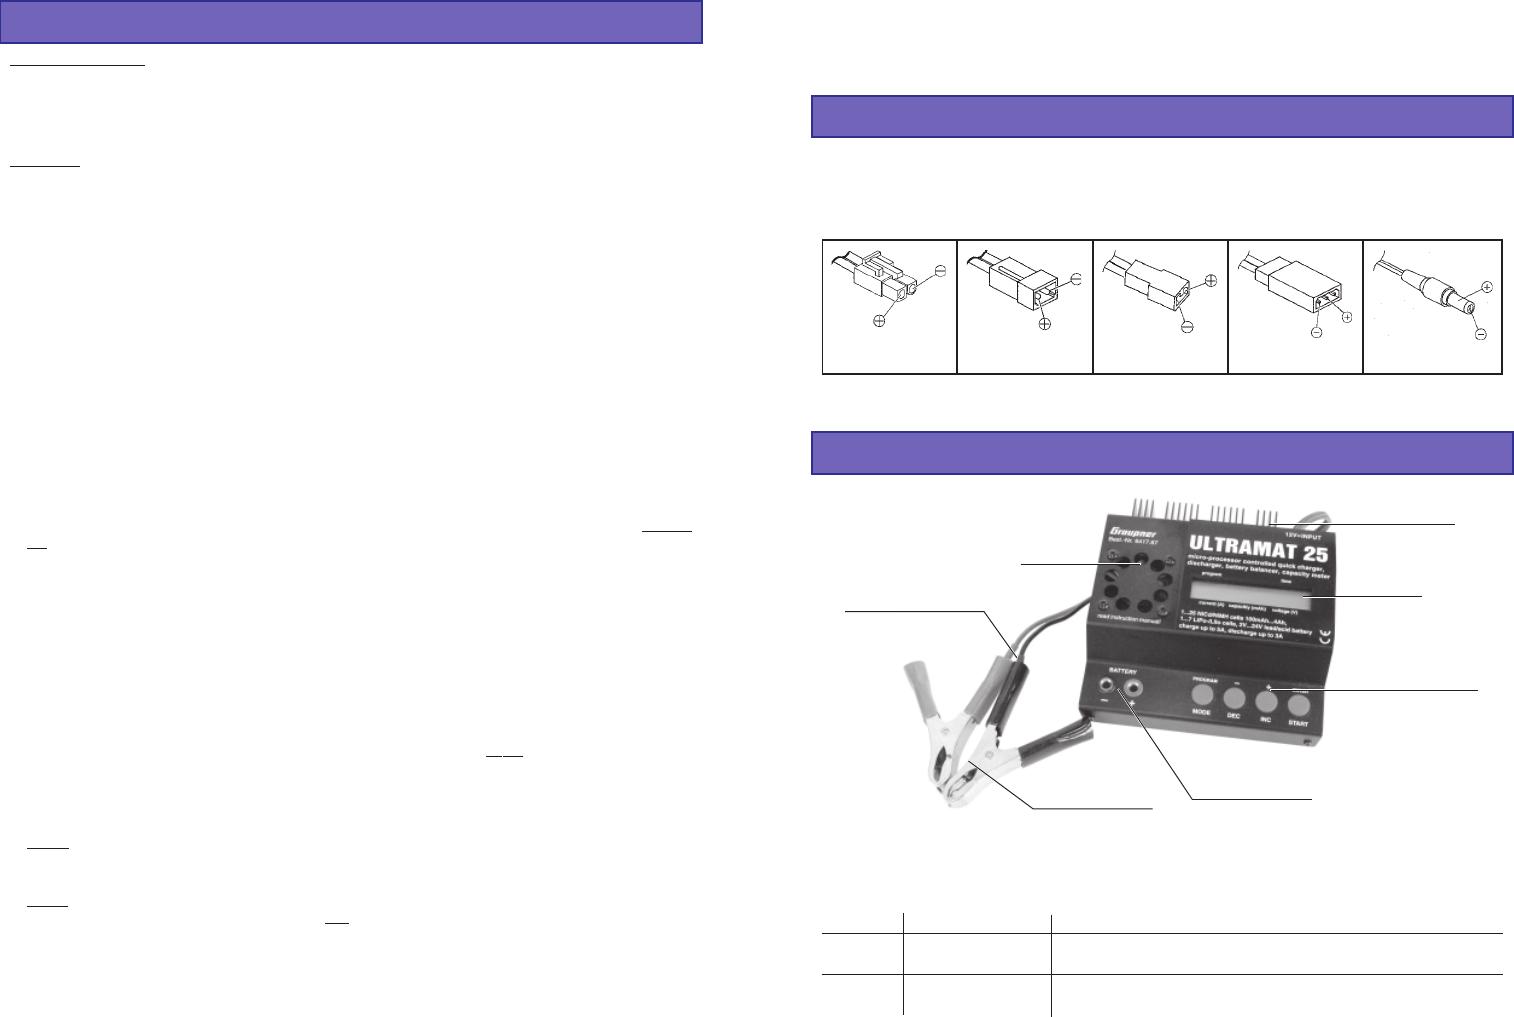 Ungewöhnlich 4 Draht Lüfterschalter Fotos - Schaltplan Serie Circuit ...